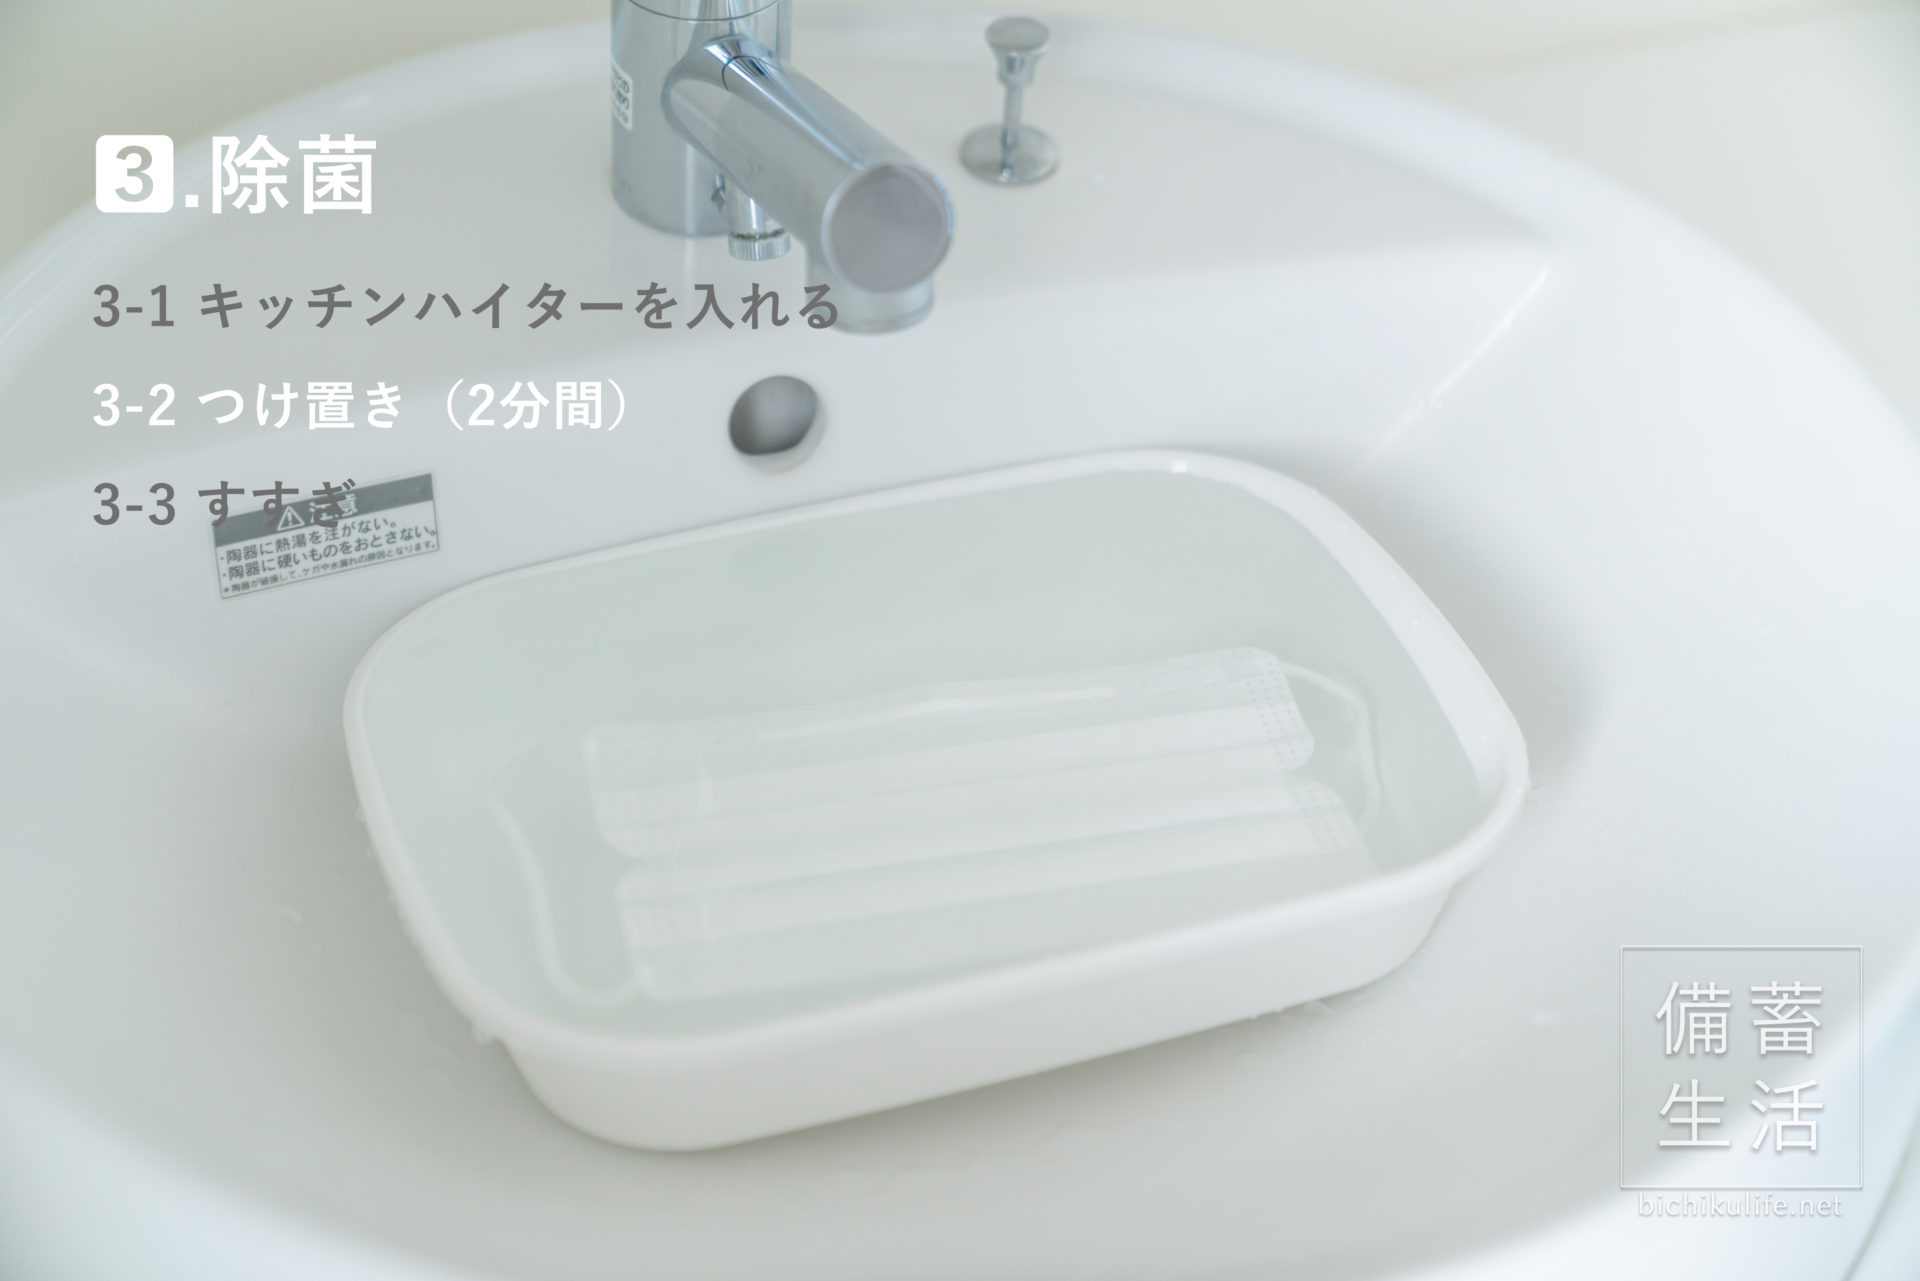 不織布マスクの洗濯方法 3.除菌 3-2 漬け置き(2分間)